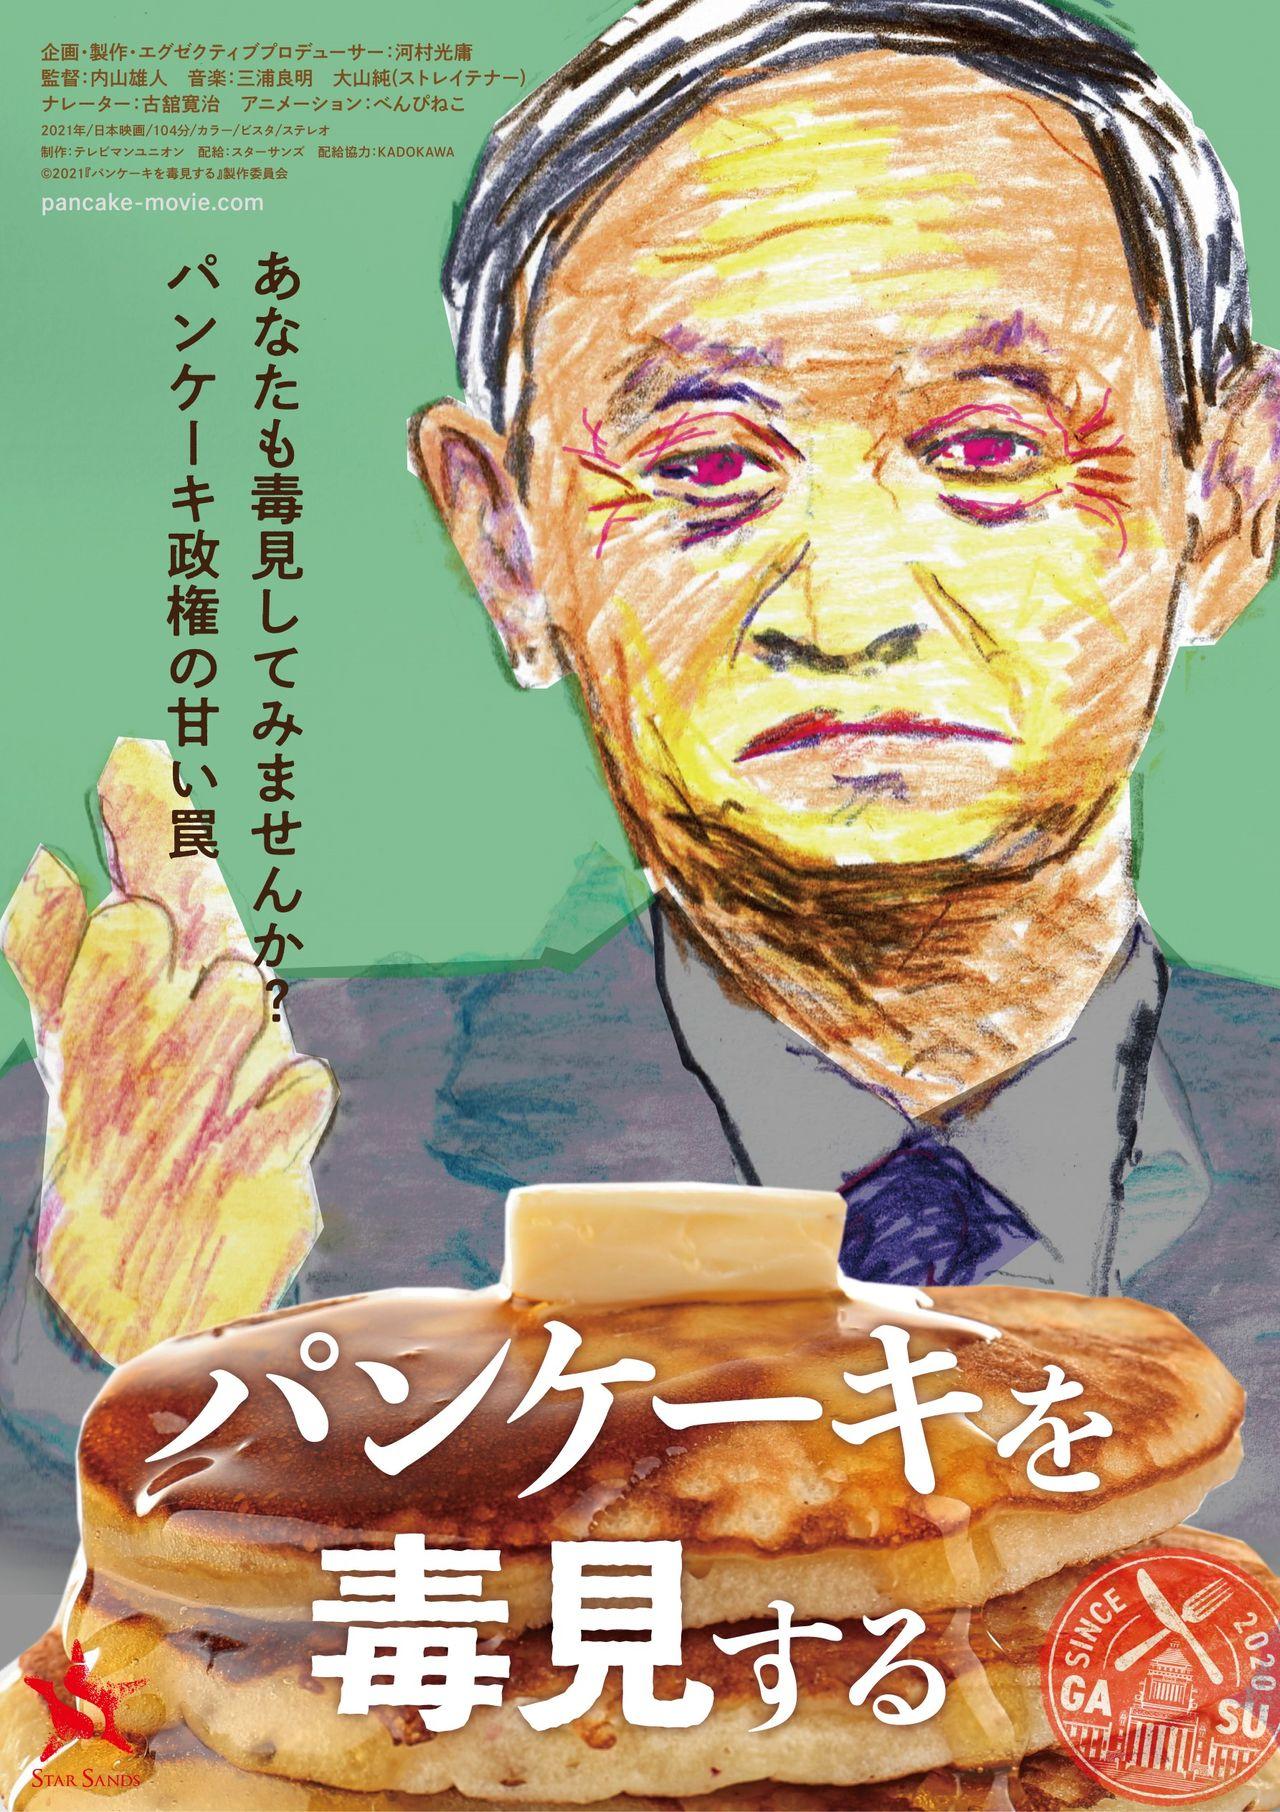 ©2021『パンケーキを毒見する』製作委員会